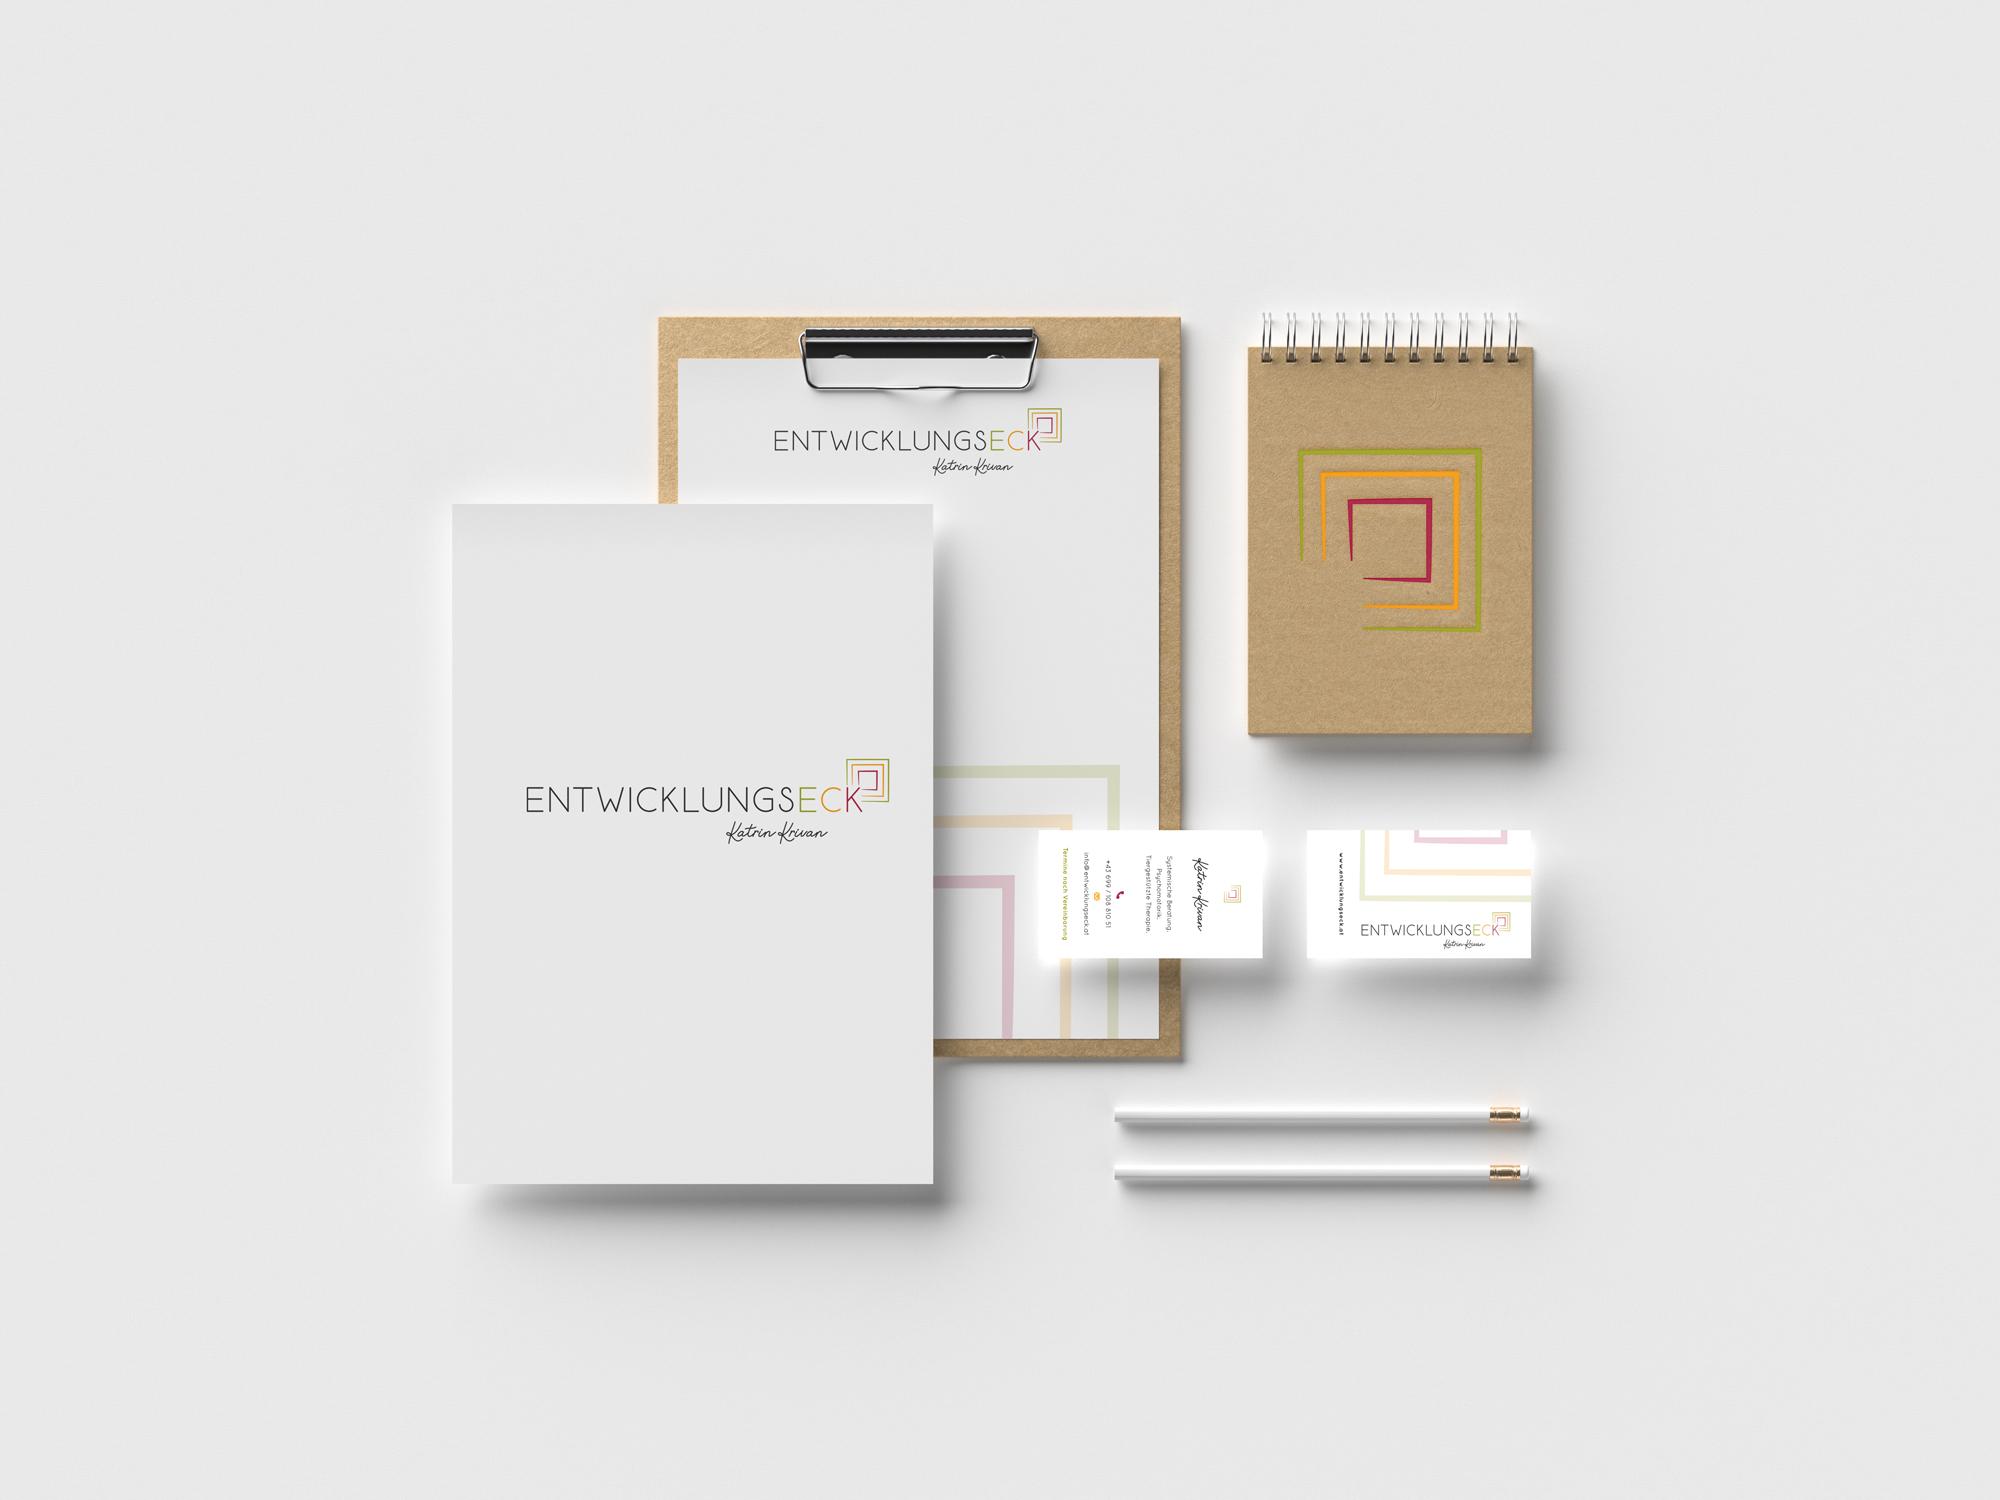 sternloscreative | Logo Design | Geschäftsdrucksorten | Entwicklungseck